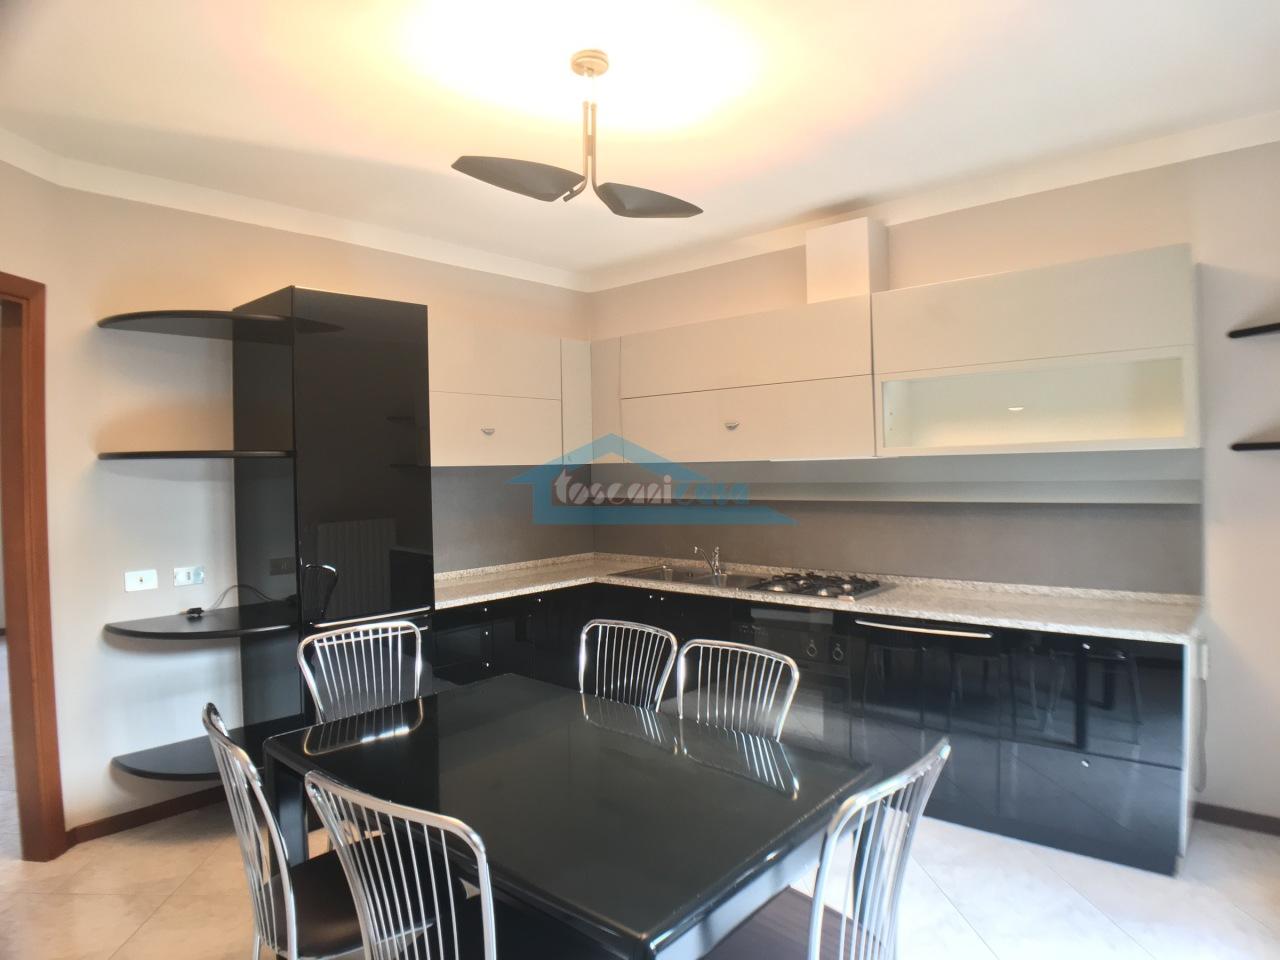 Cucina Villa a schiera  a Adro